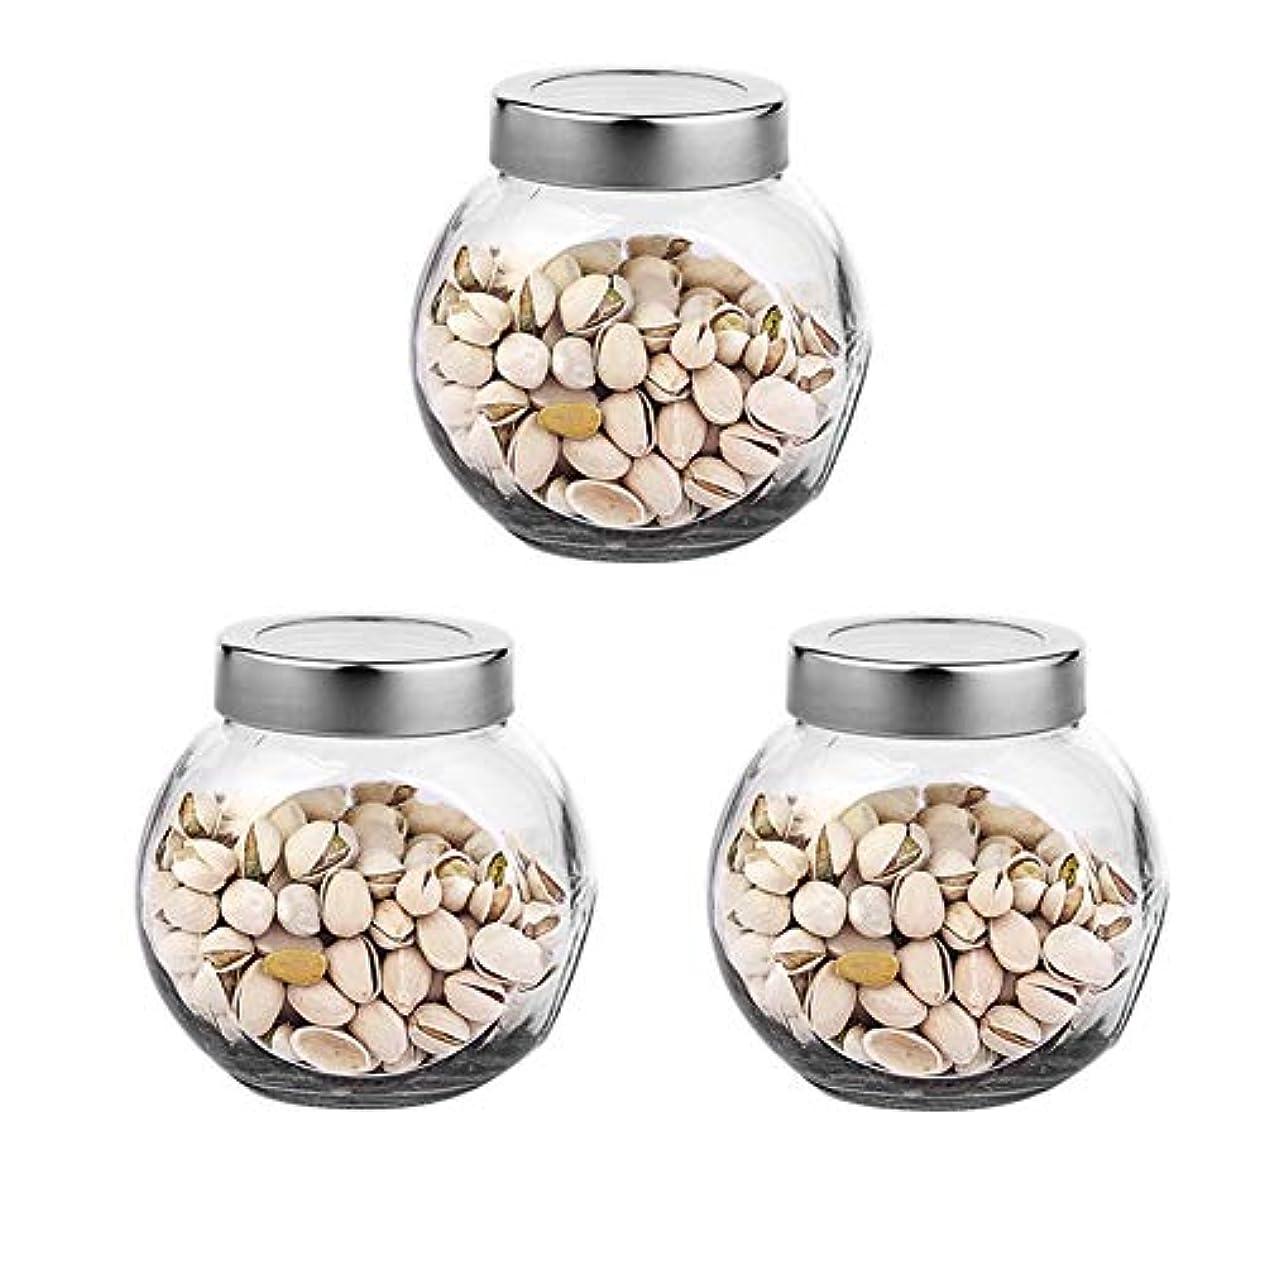 取得するご予約牛肉3つの透明ガラス貯蔵容器茶/季節密封缶の貯蔵瓶パック(650 ml)